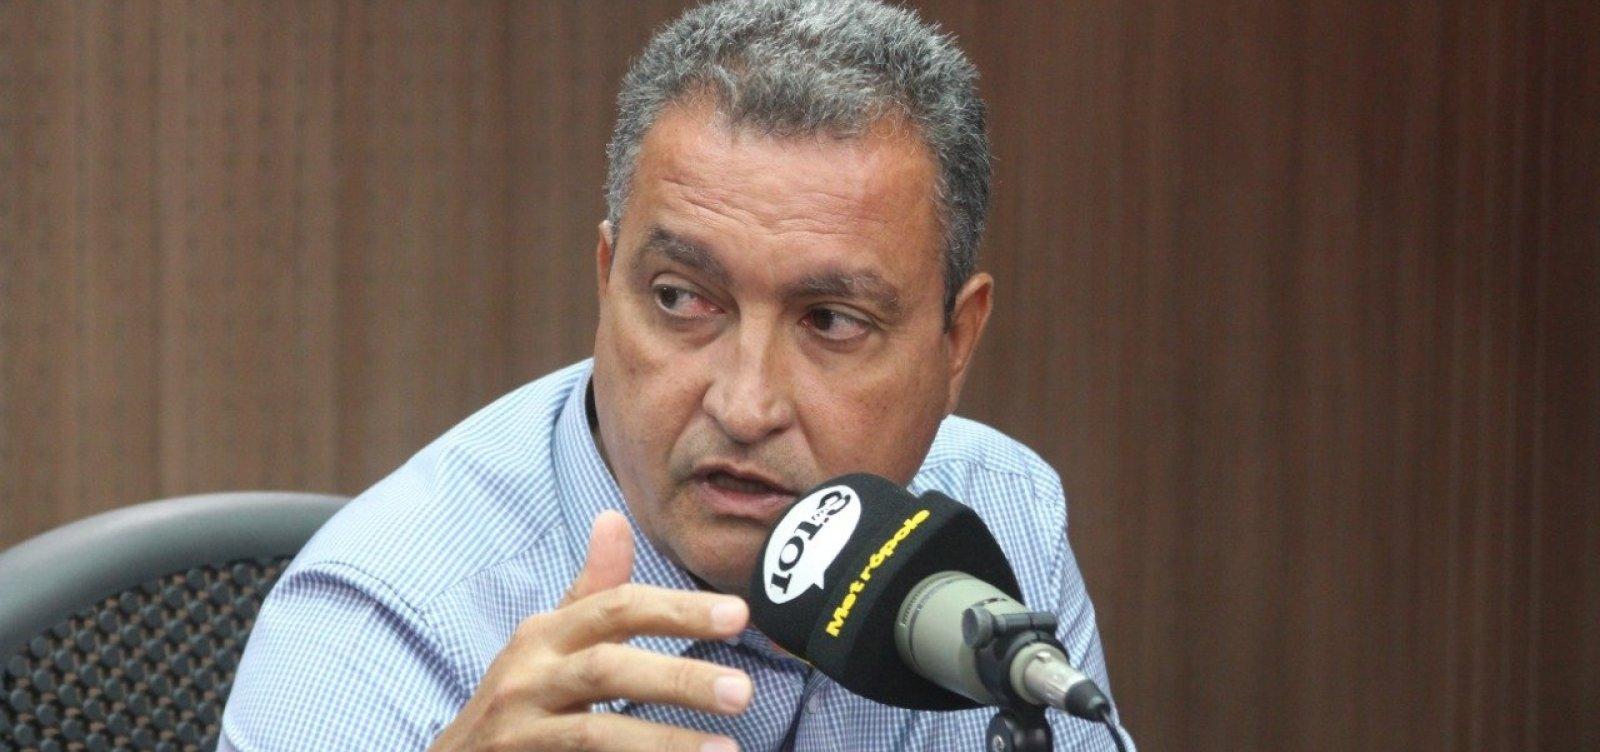 'Não há hipótese disso', diz Rui sobre presidente eleito em 1° turno